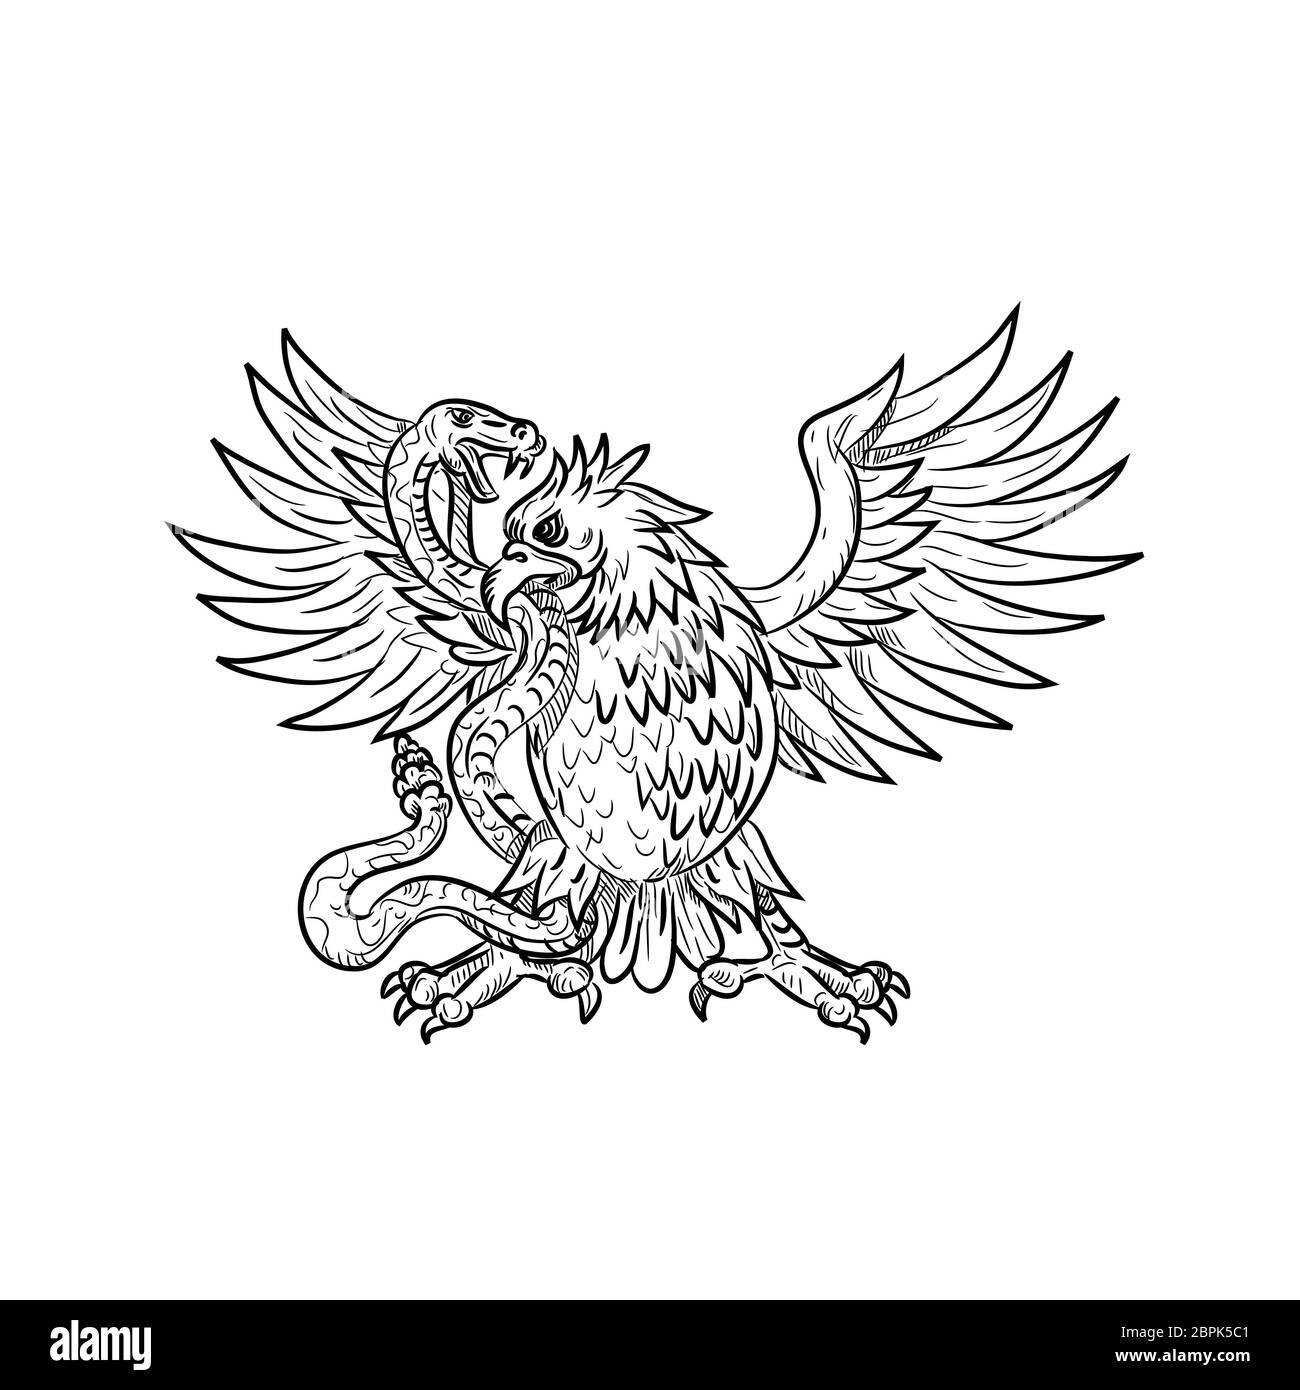 Style croquis dessin illustration d'un Mexican Eagle, l'aigle royal ou du nord caracara huppé combattant un serpent à sonnette, Viper, snake ou serpent à bla Banque D'Images